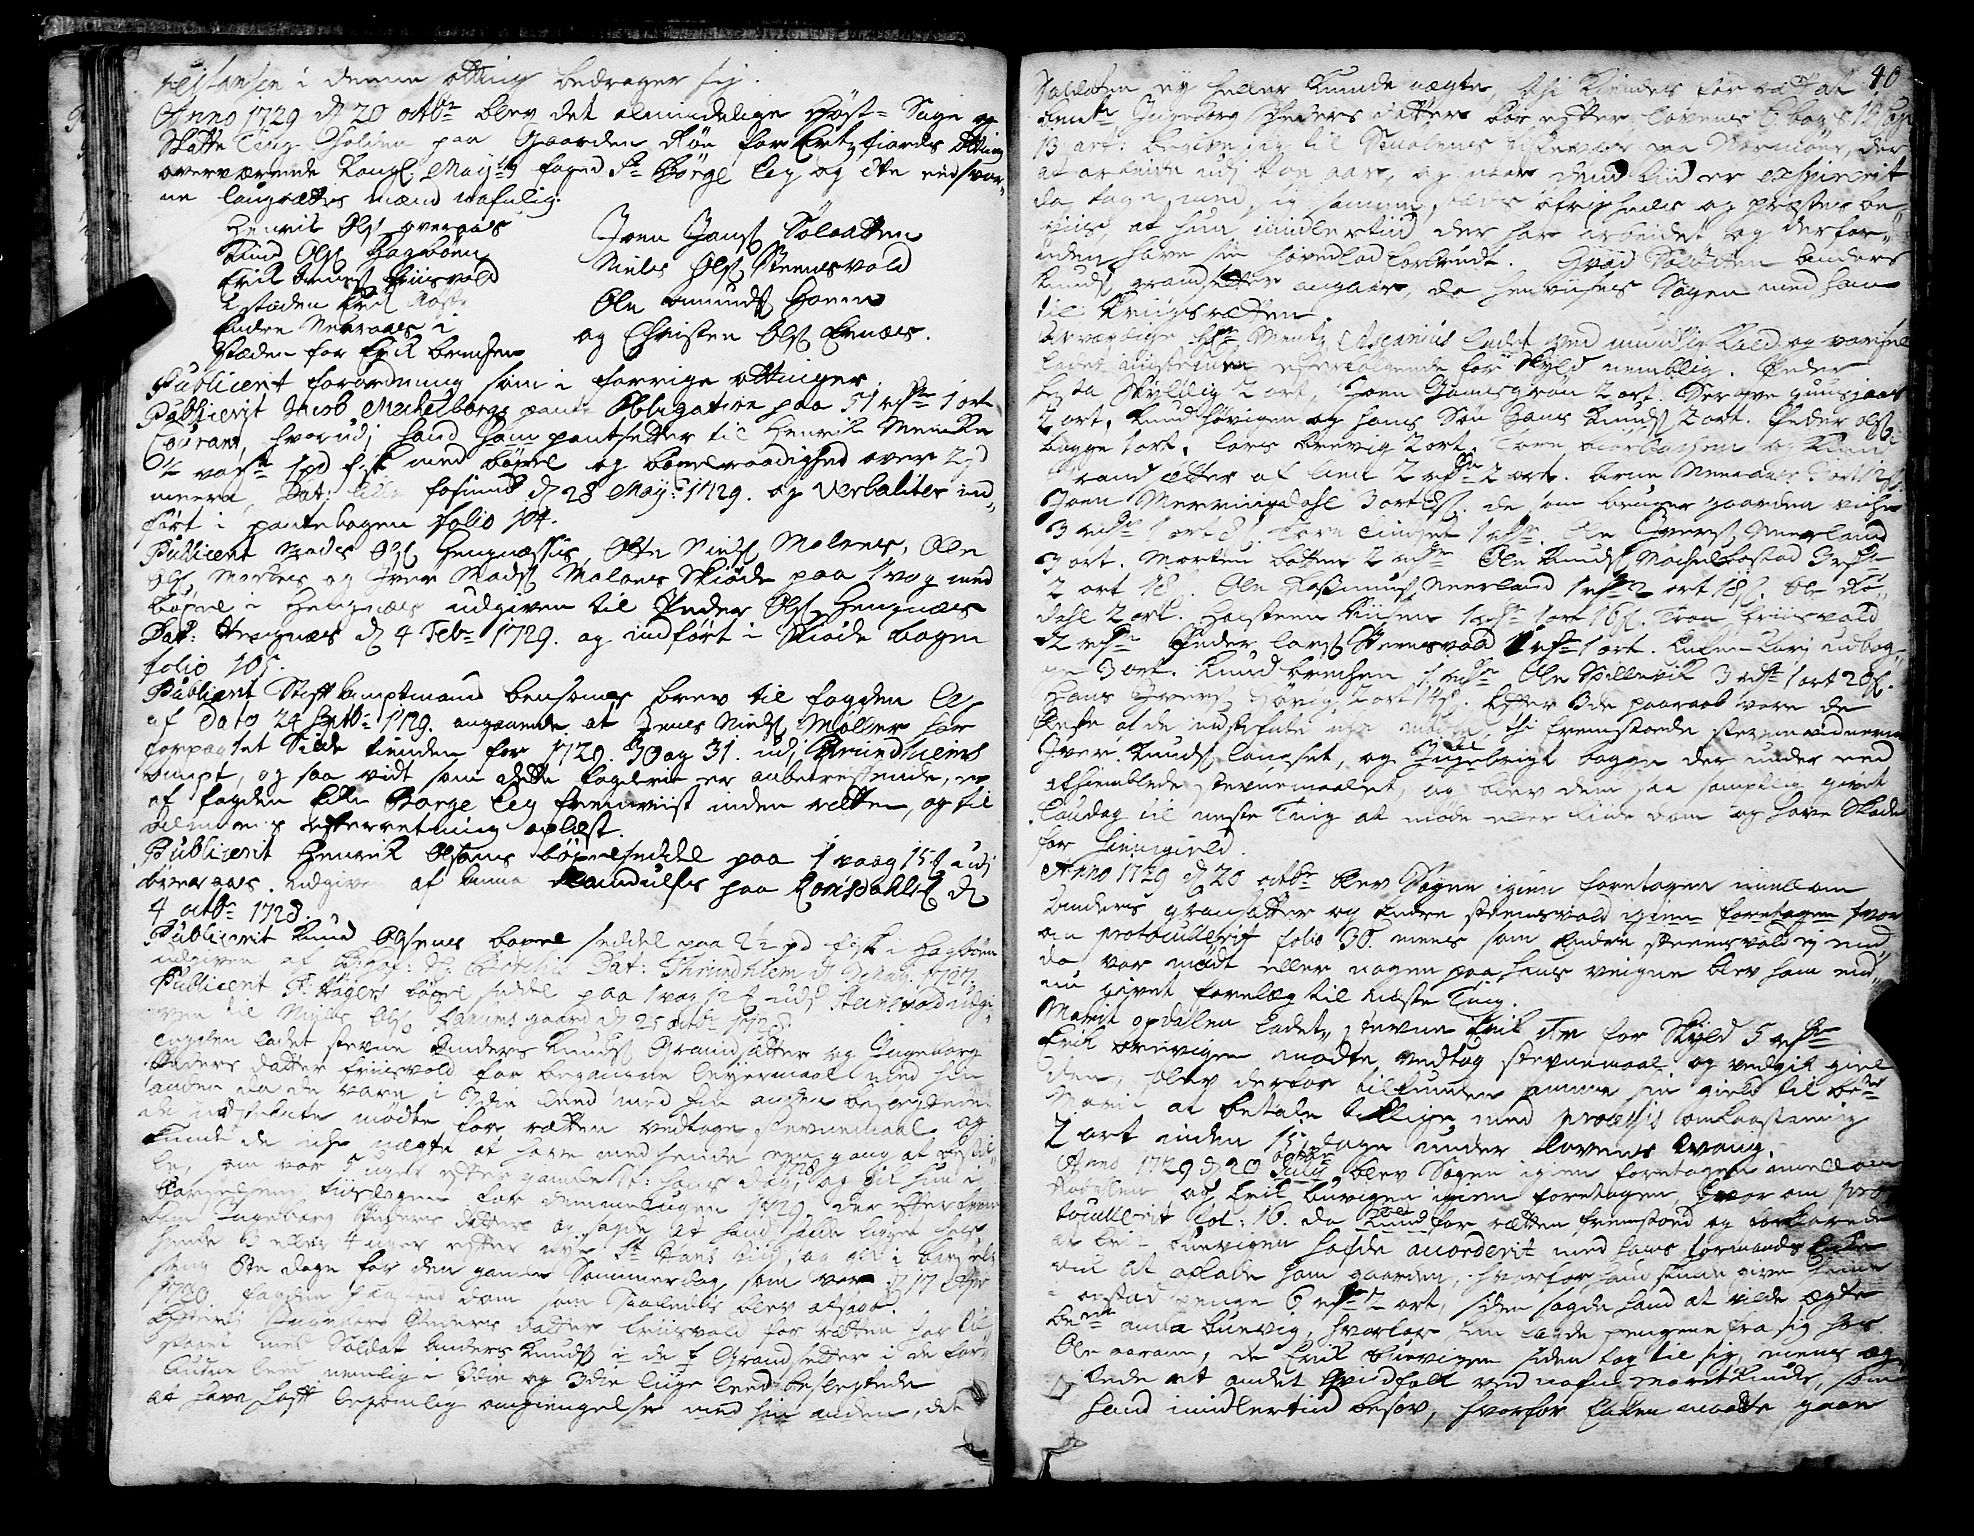 SAT, Romsdal sorenskriveri, 1/1A/L0010: Tingbok, 1728-1732, s. 40